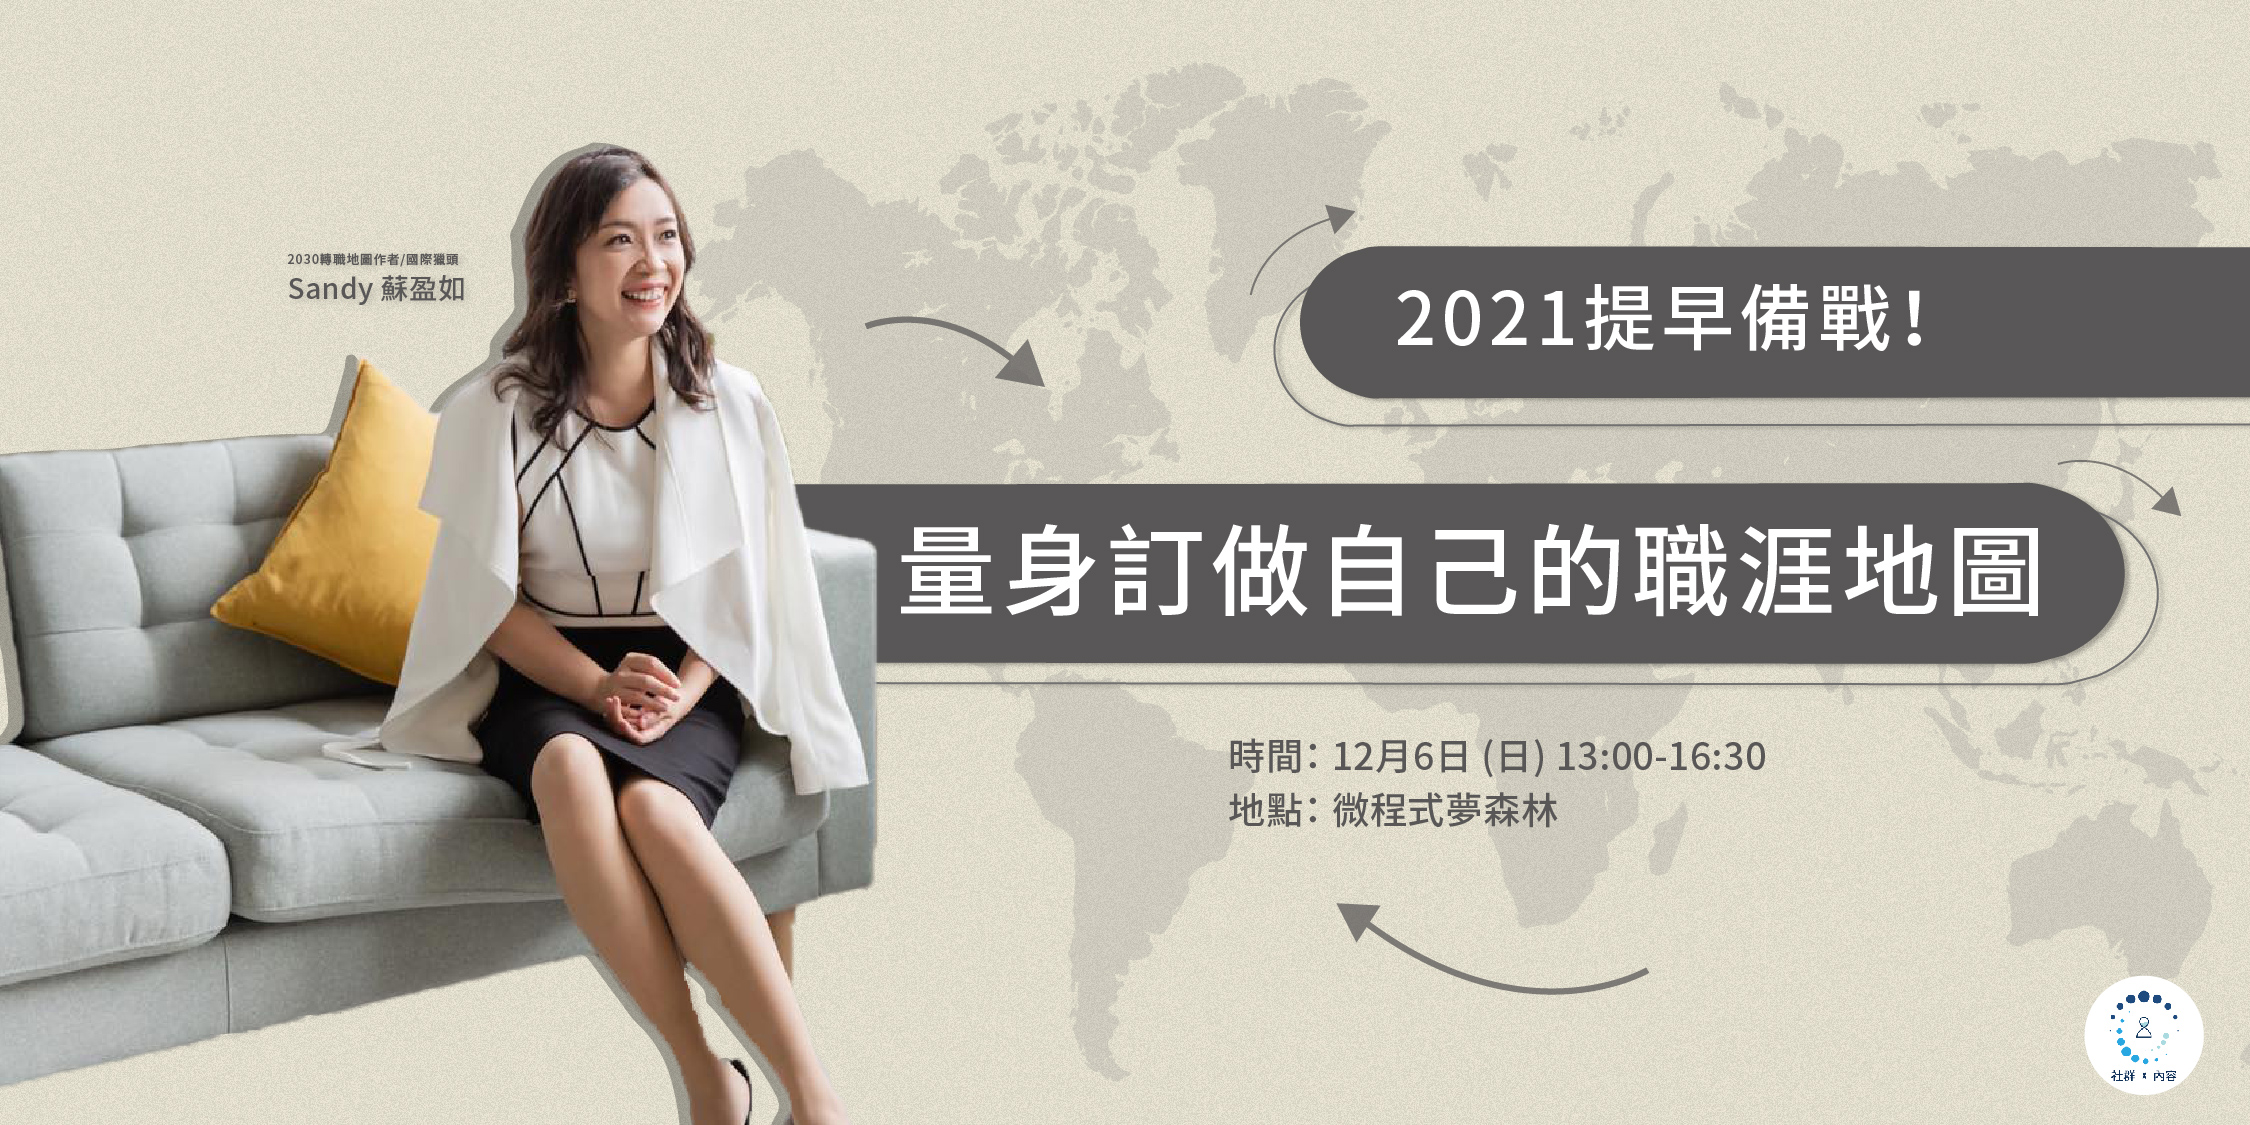 2021提早備戰! 量身訂做自己的職涯地圖